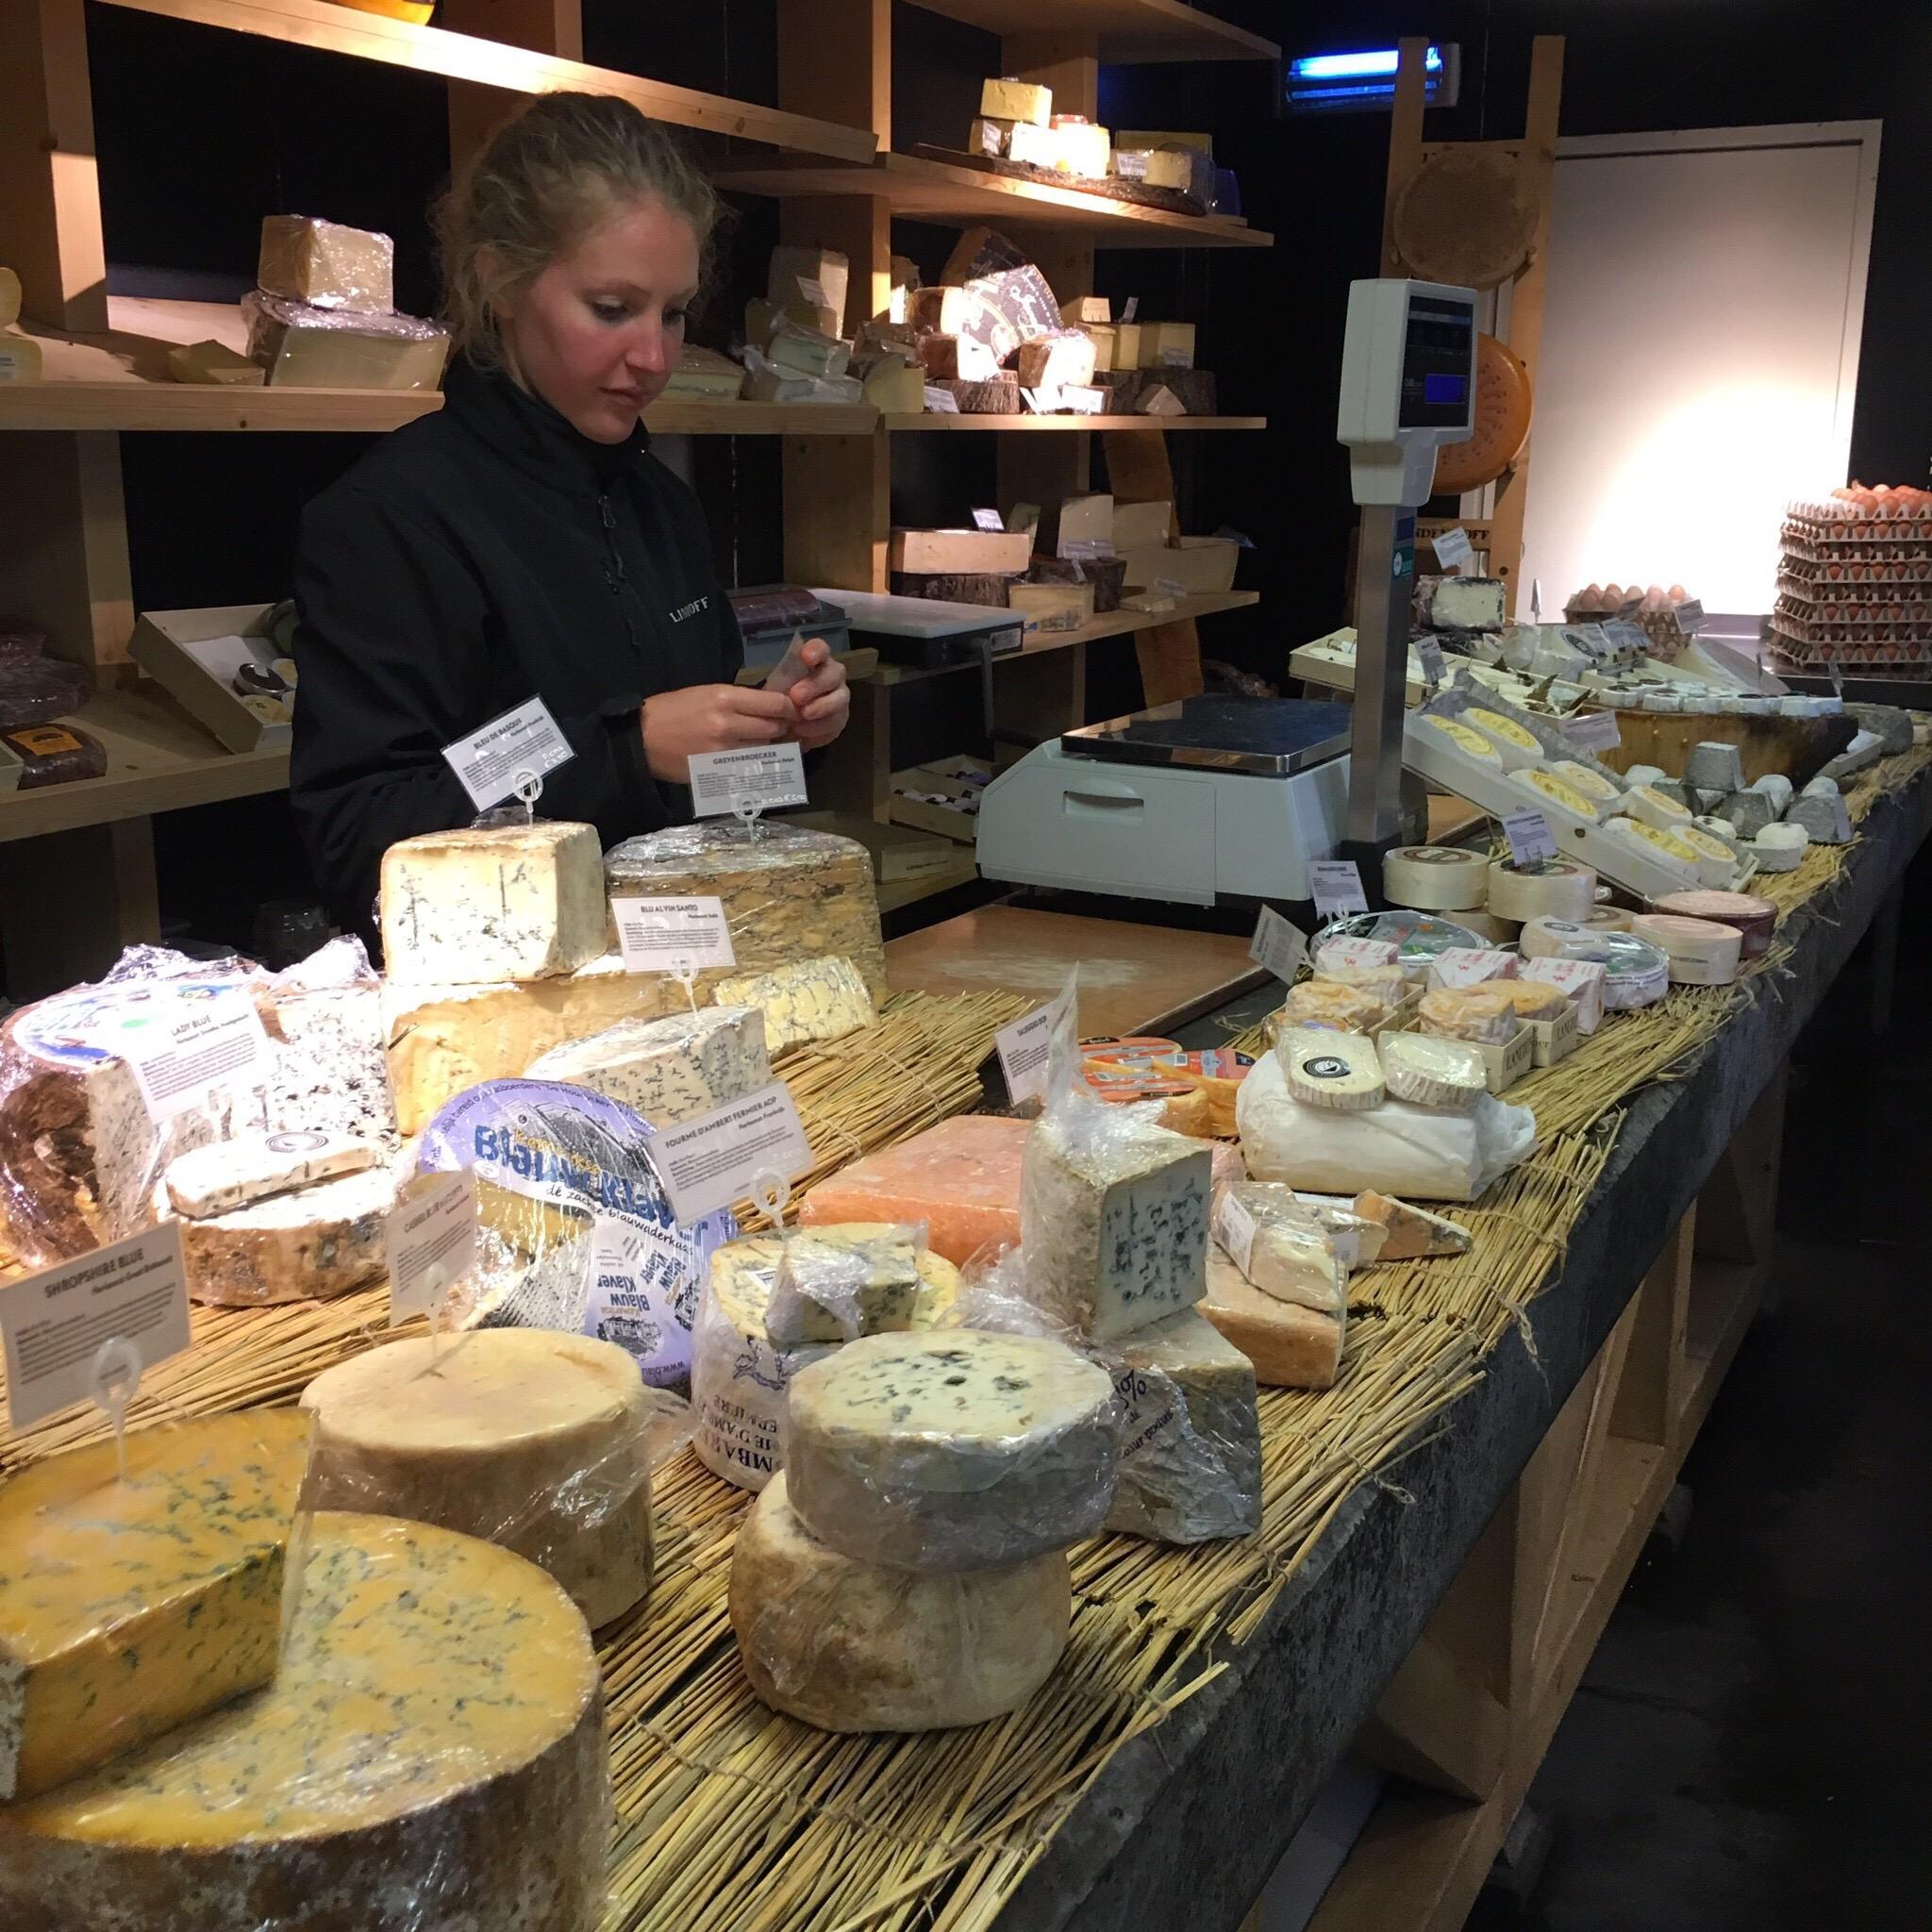 9月16日フランスとオランダチーズの会